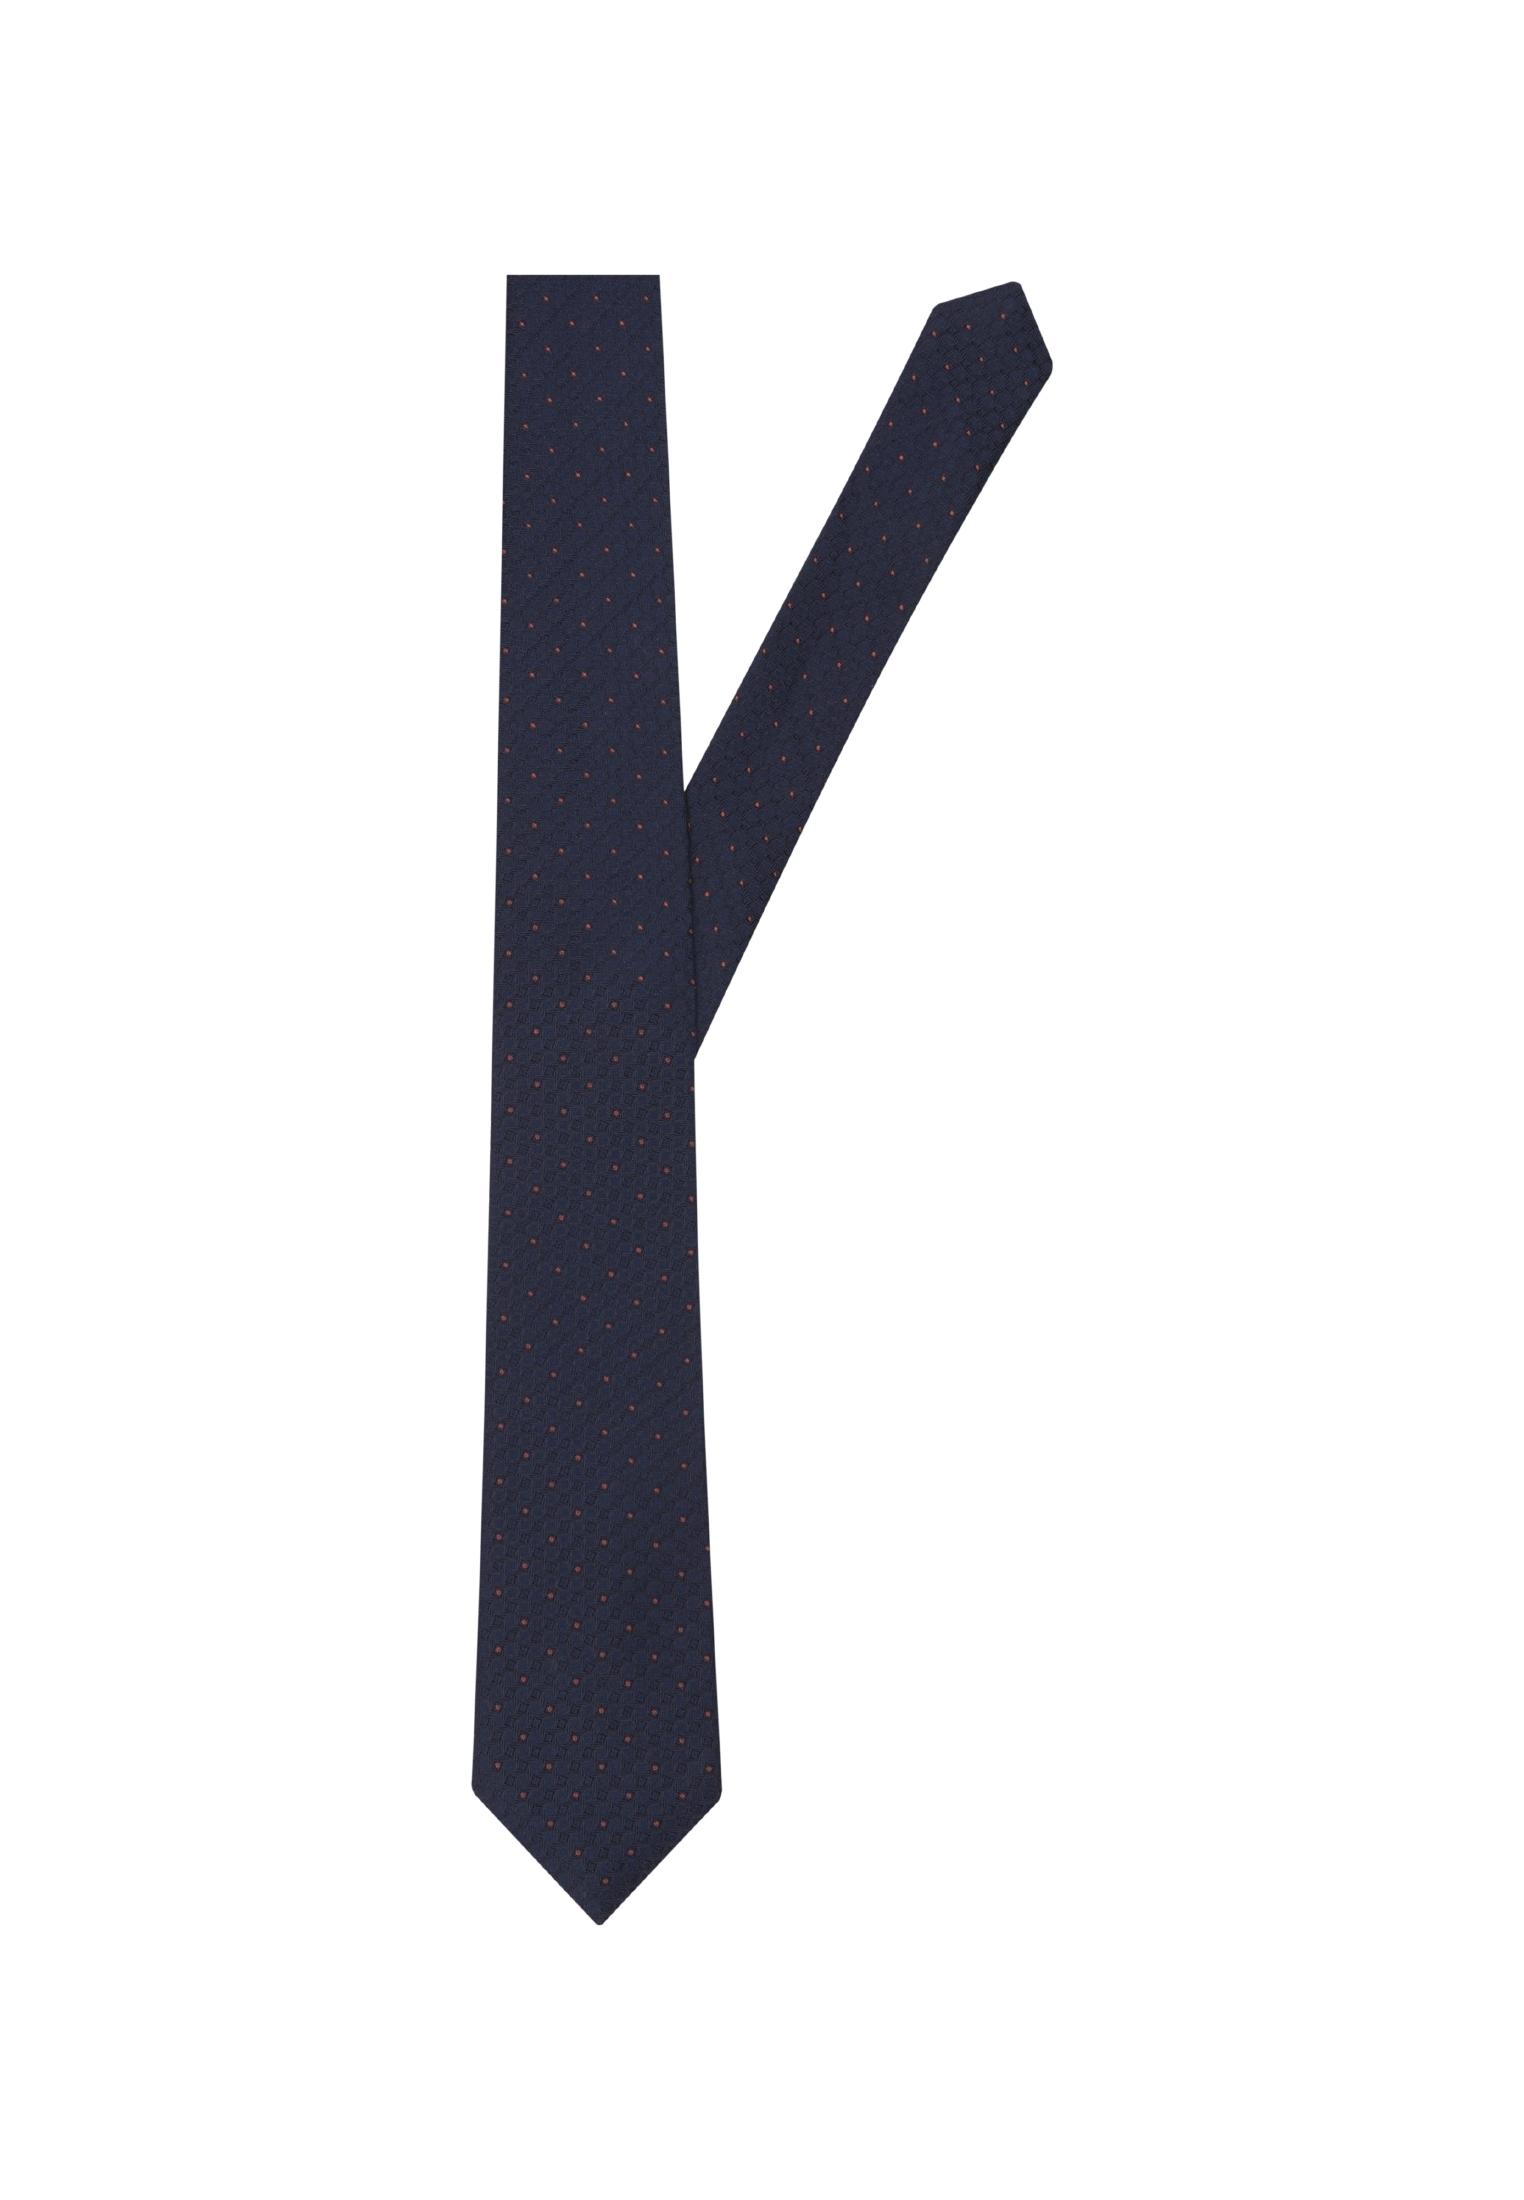 seidensticker -  Krawatte Schwarze Rose, Breit (7cm) Punkte